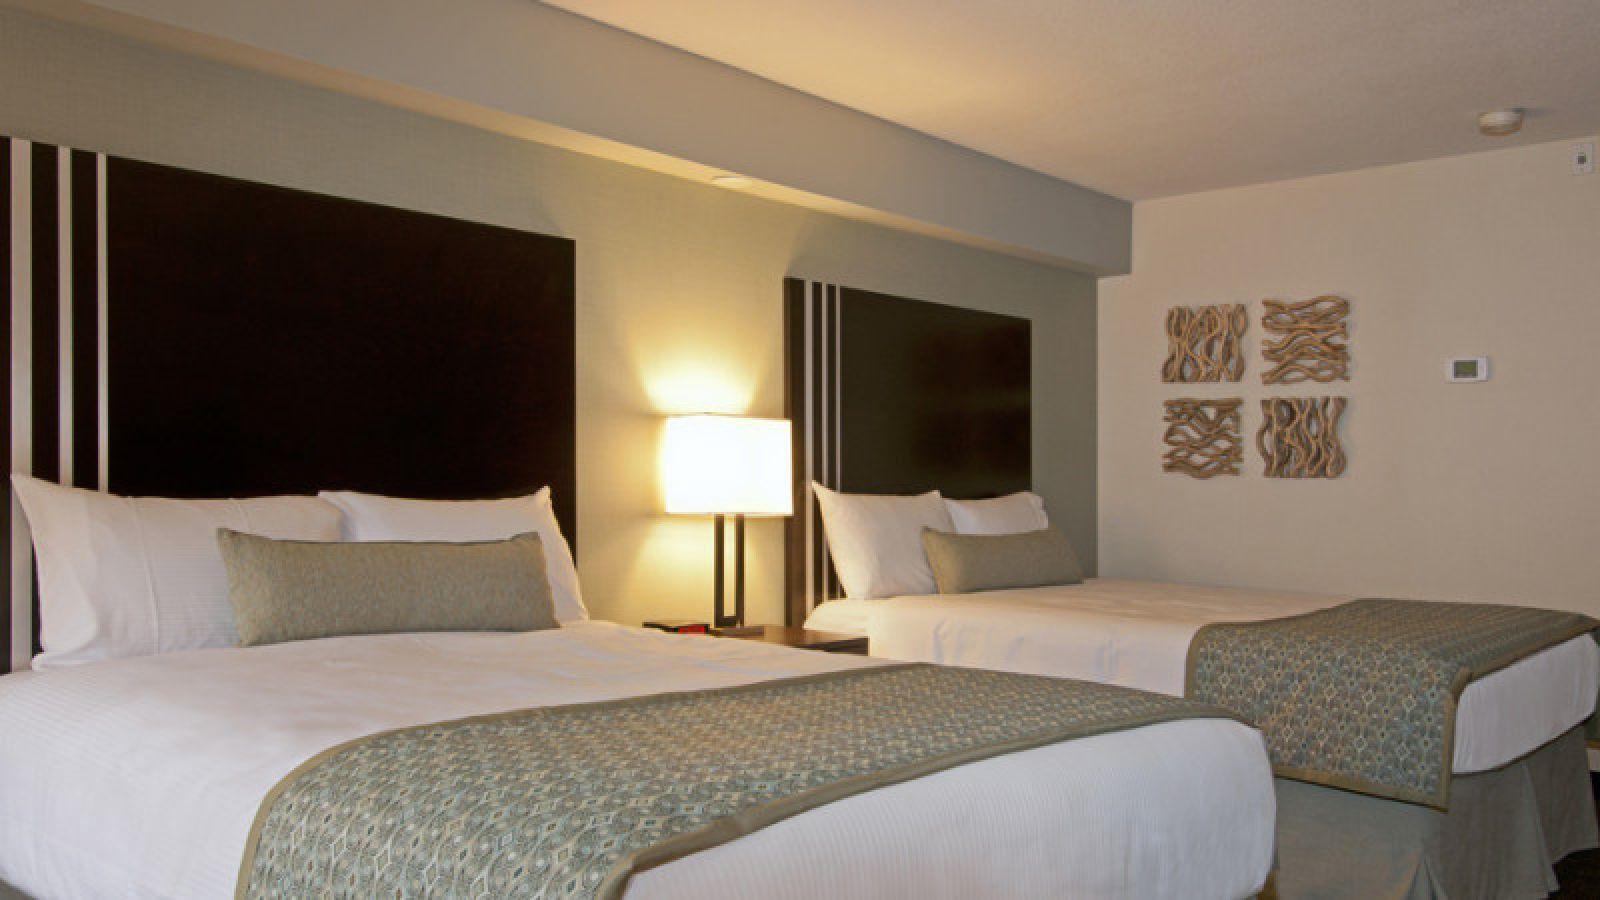 Comfort Room - 2 queen beds